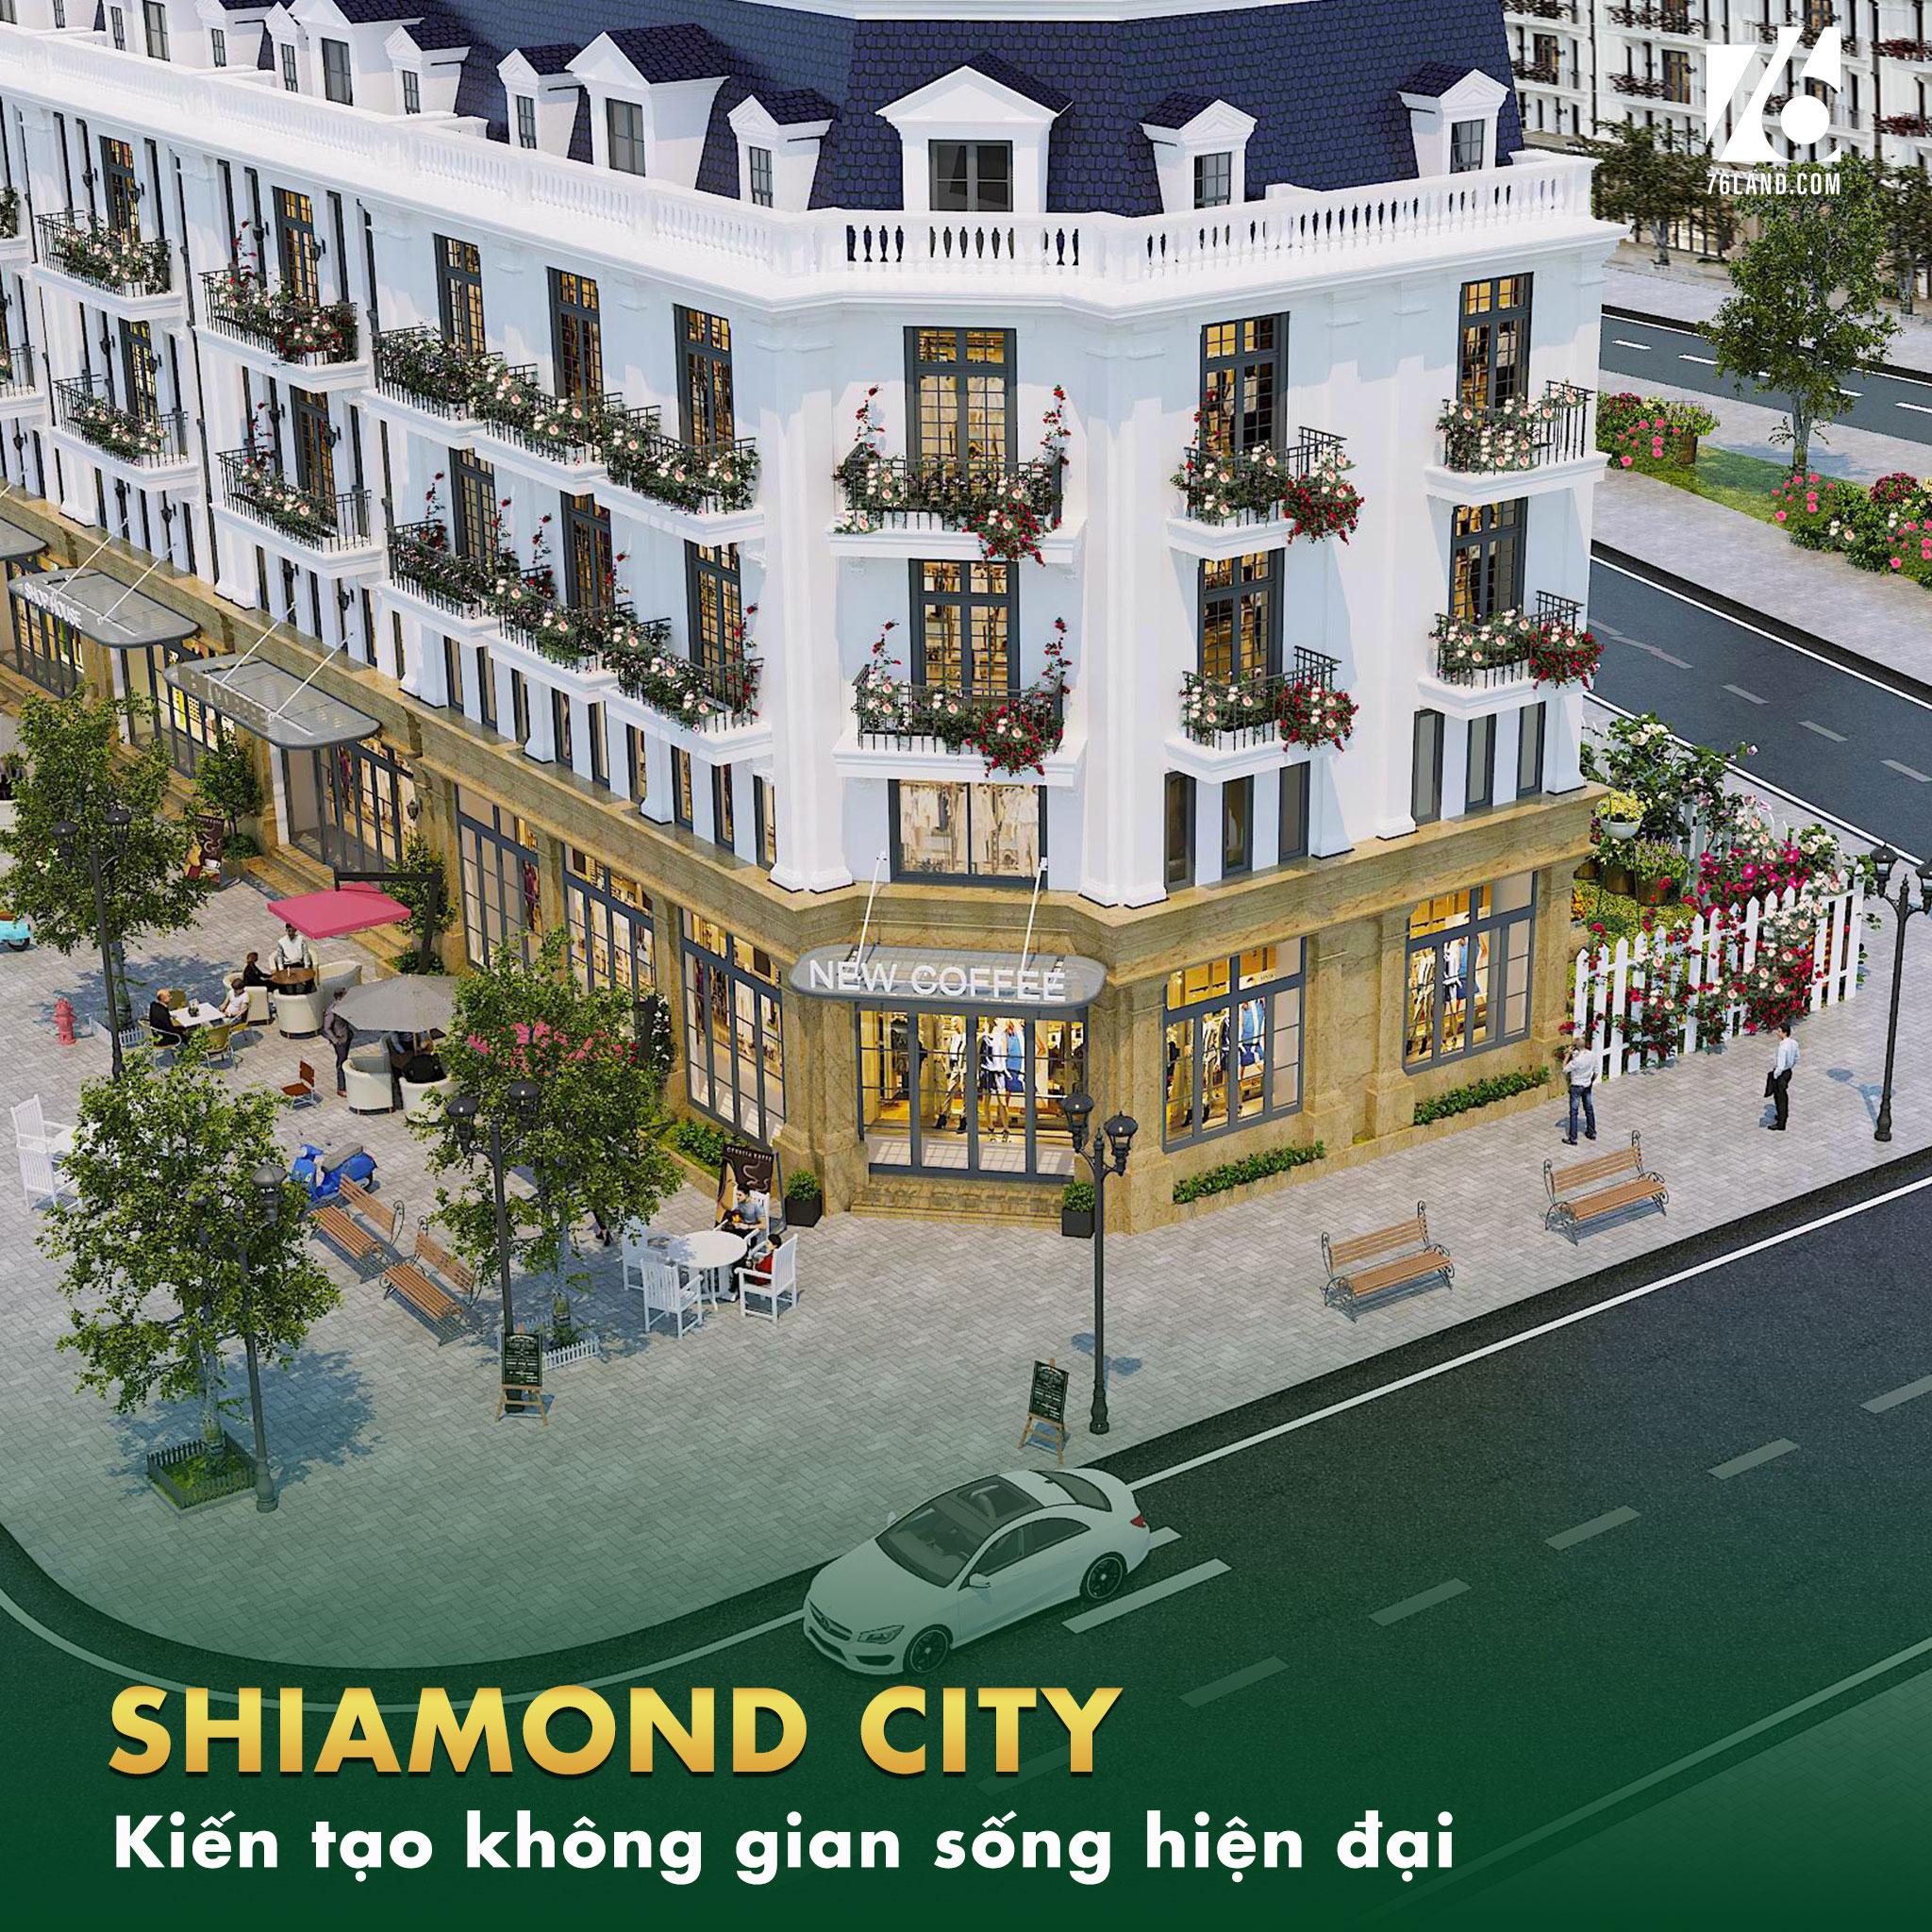 shiamond-city-2